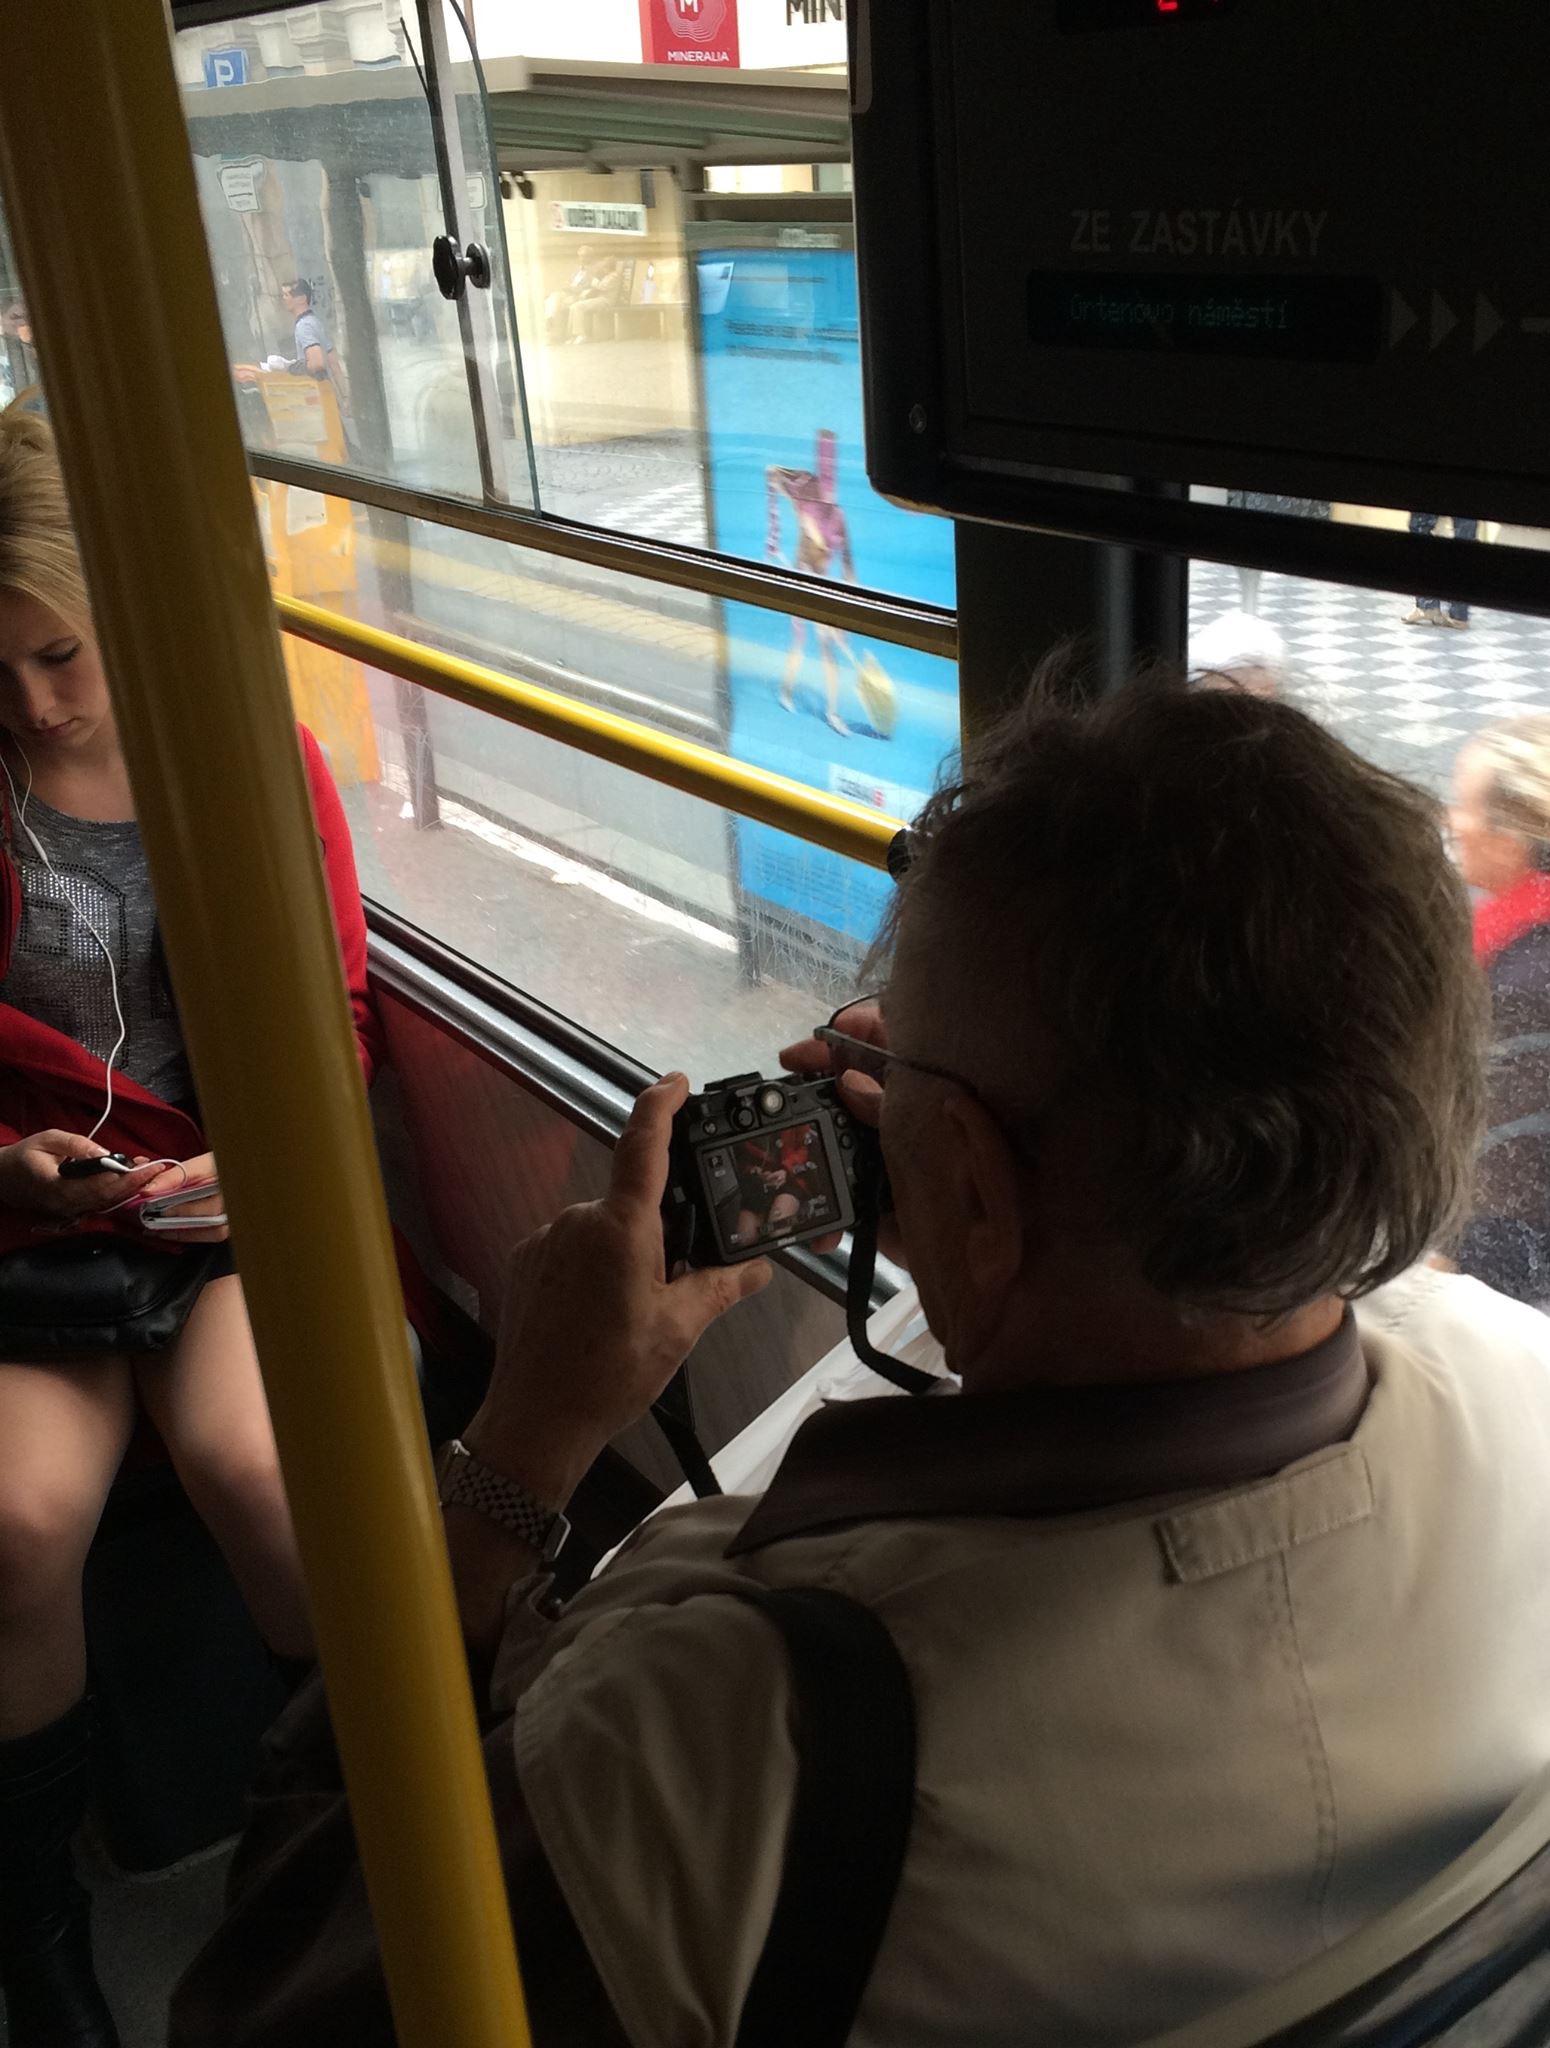 Трется об женщину в автобусе 28 фотография